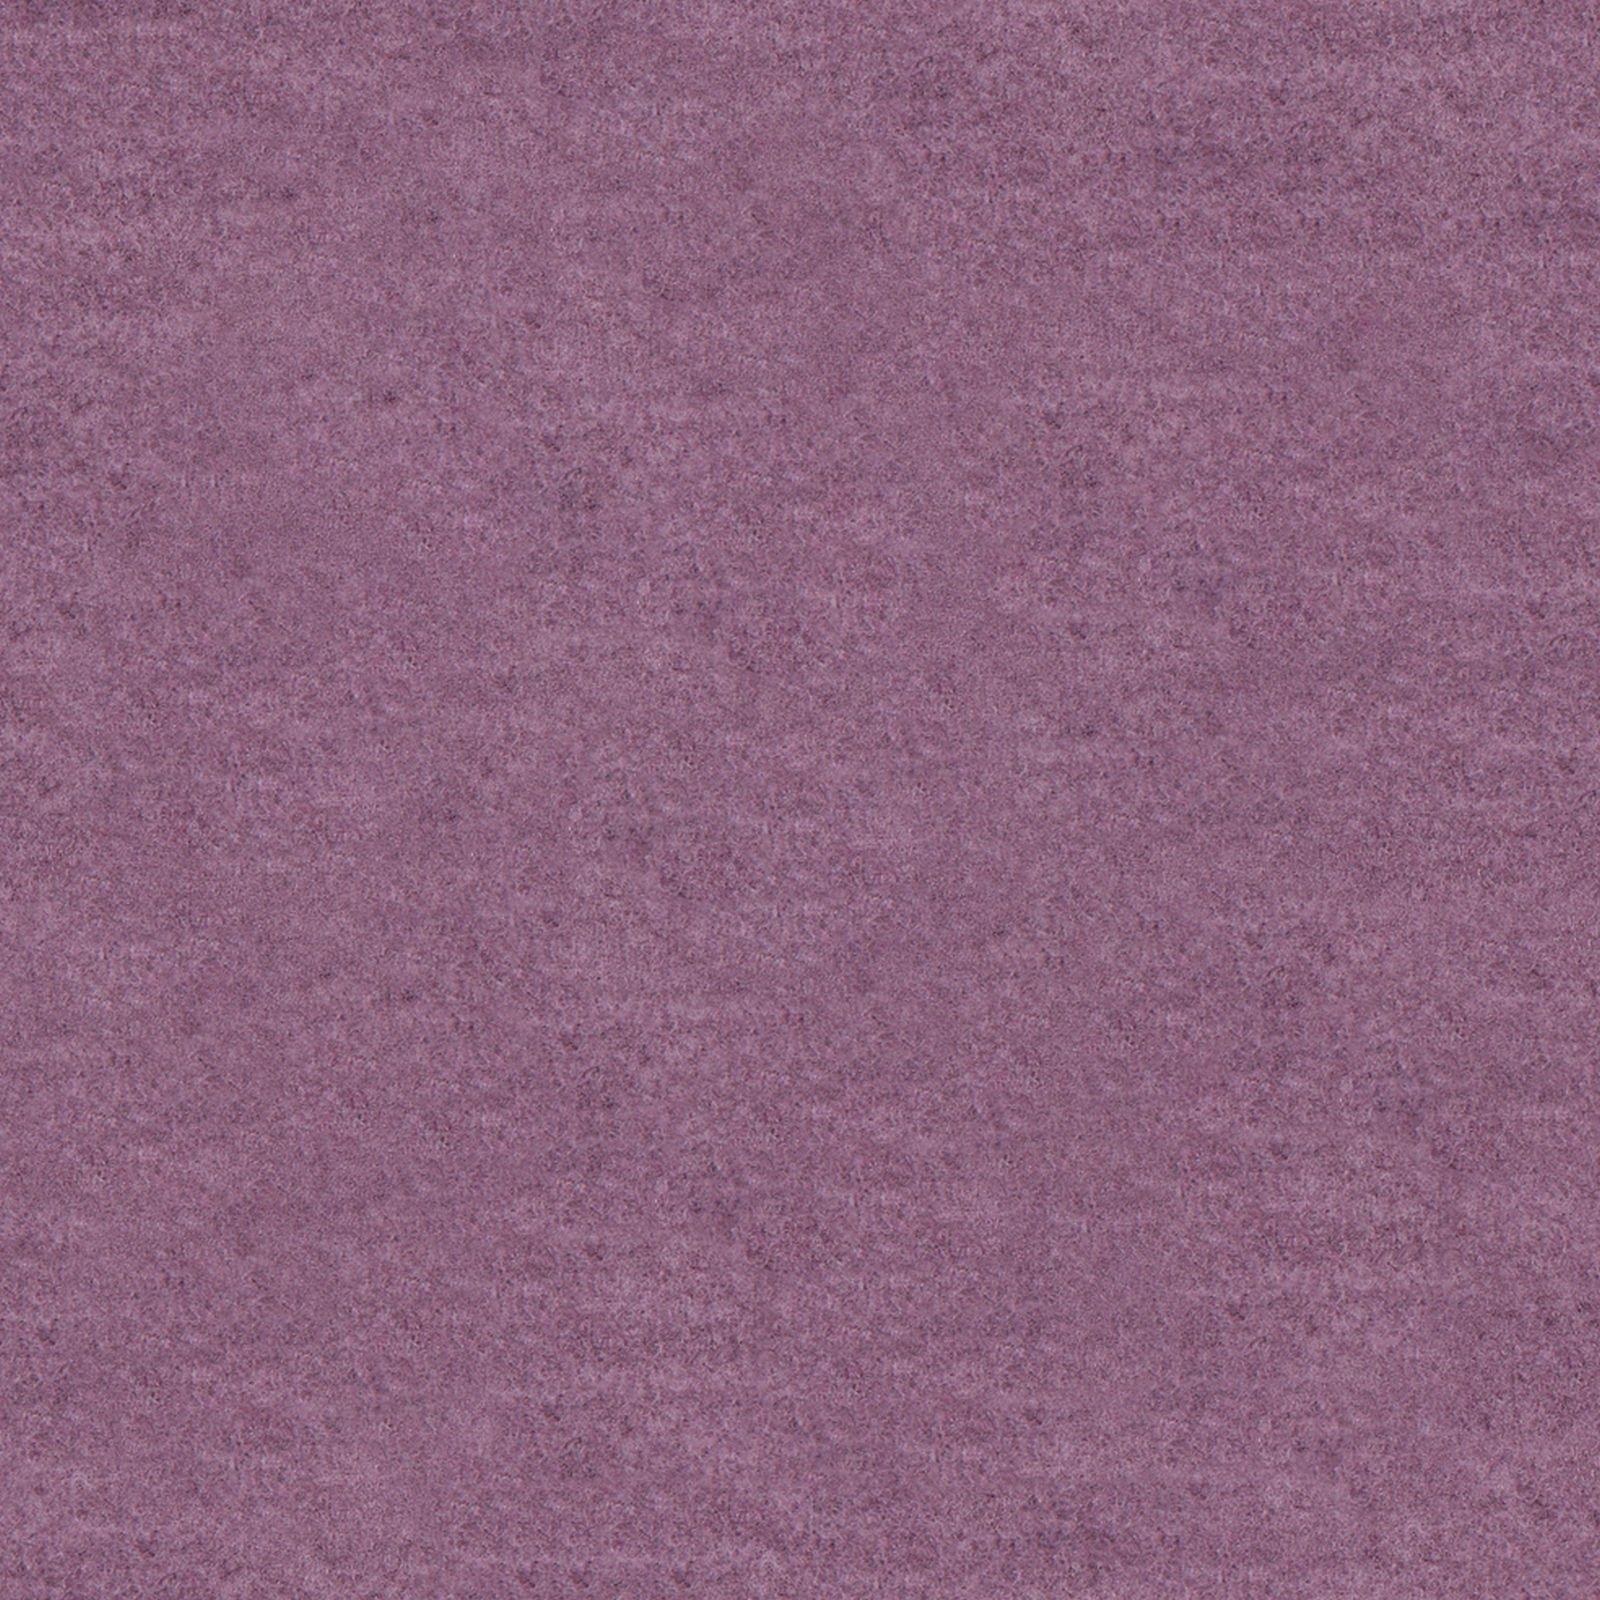 Sofa Atla 150cm fioletowa jasna - zdjęcie nr 1